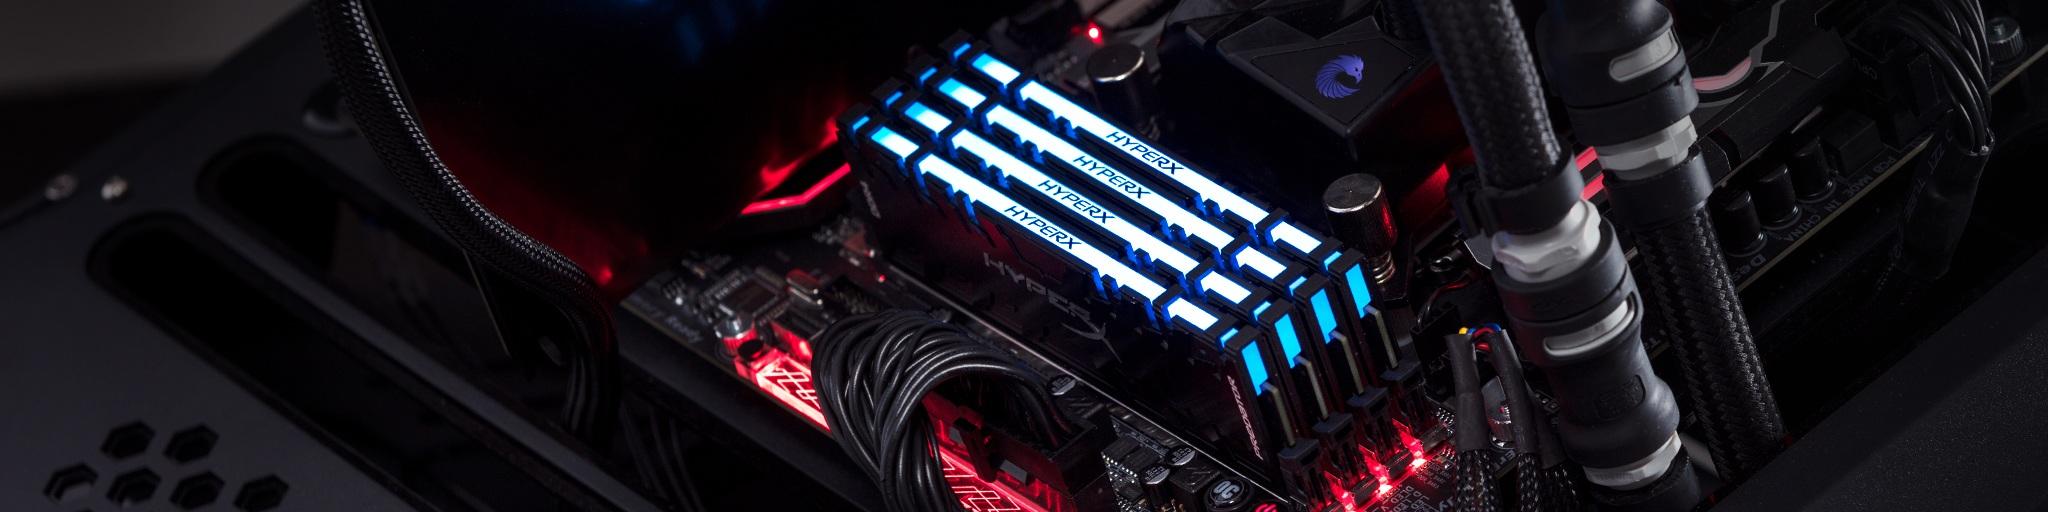 Kingston FURY Predator DDR4 RGB mit blauer LED, in einem PC installiert